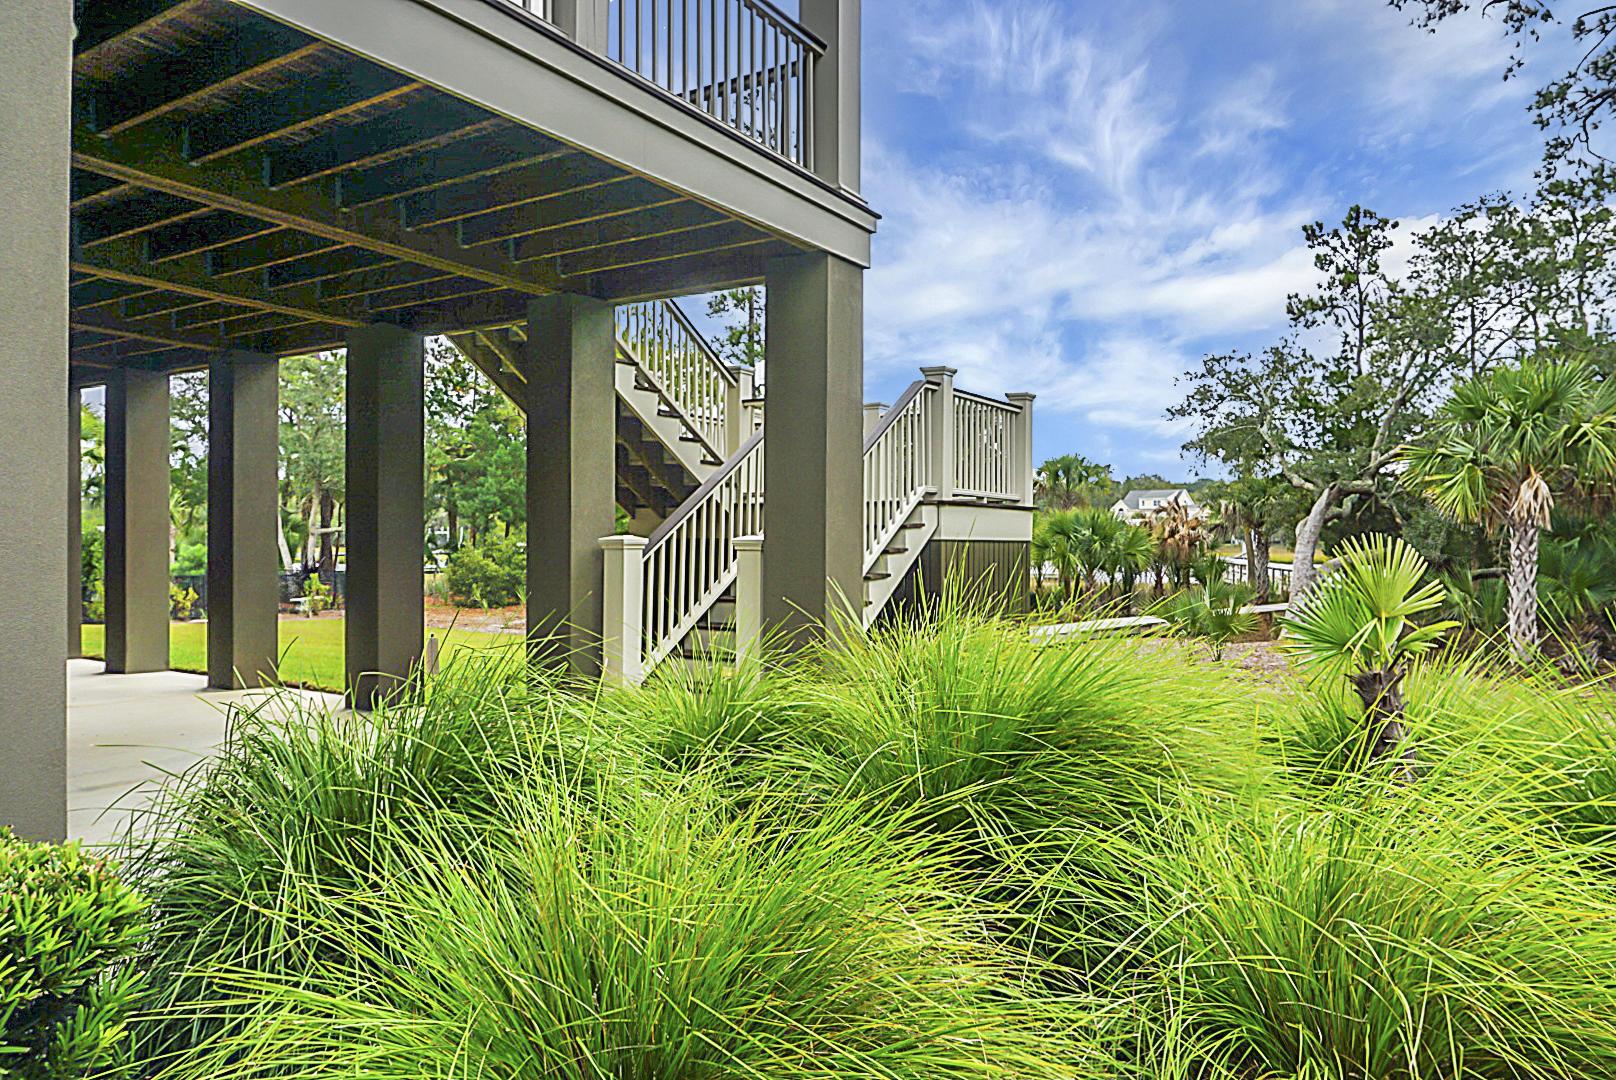 Dunes West Homes For Sale - 2978 River Vista, Mount Pleasant, SC - 39